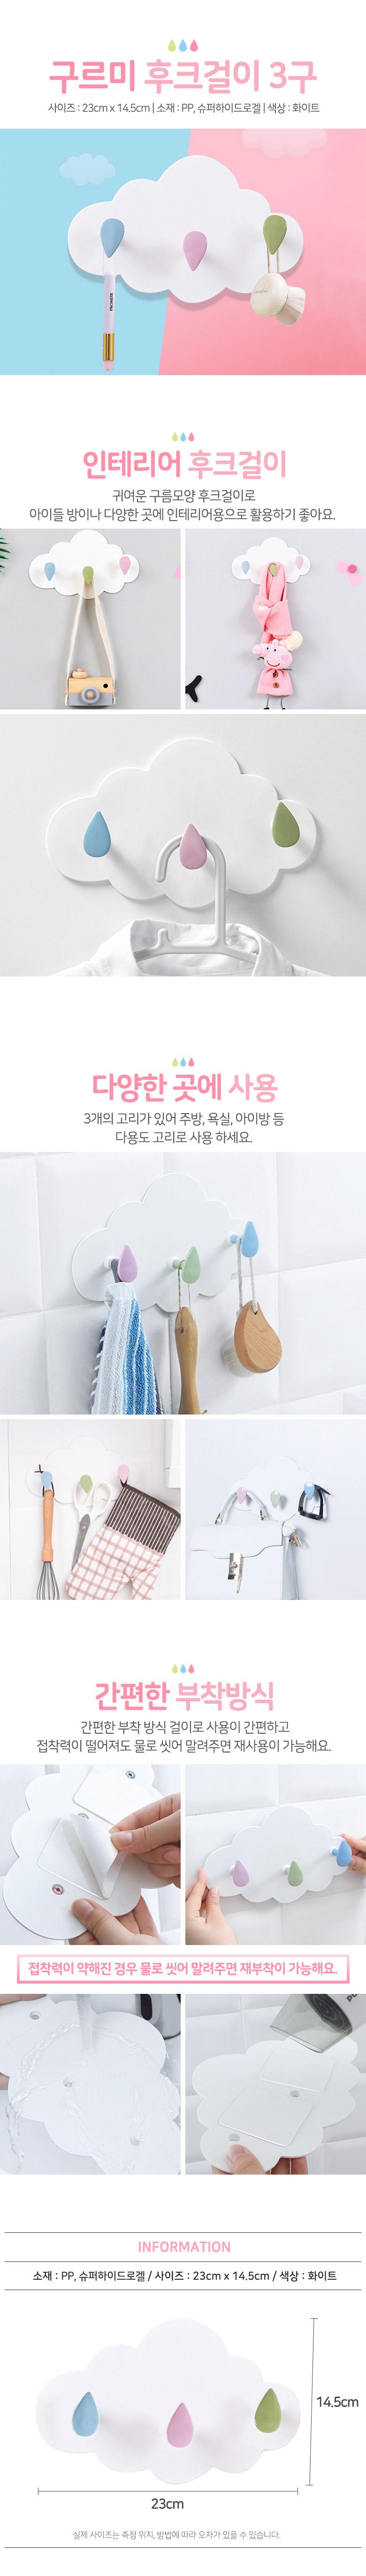 구르미 다용도 후크걸이 - 삼도, 2,900원, 행거/드레스룸/옷걸이, 다용도훅/홀더랙